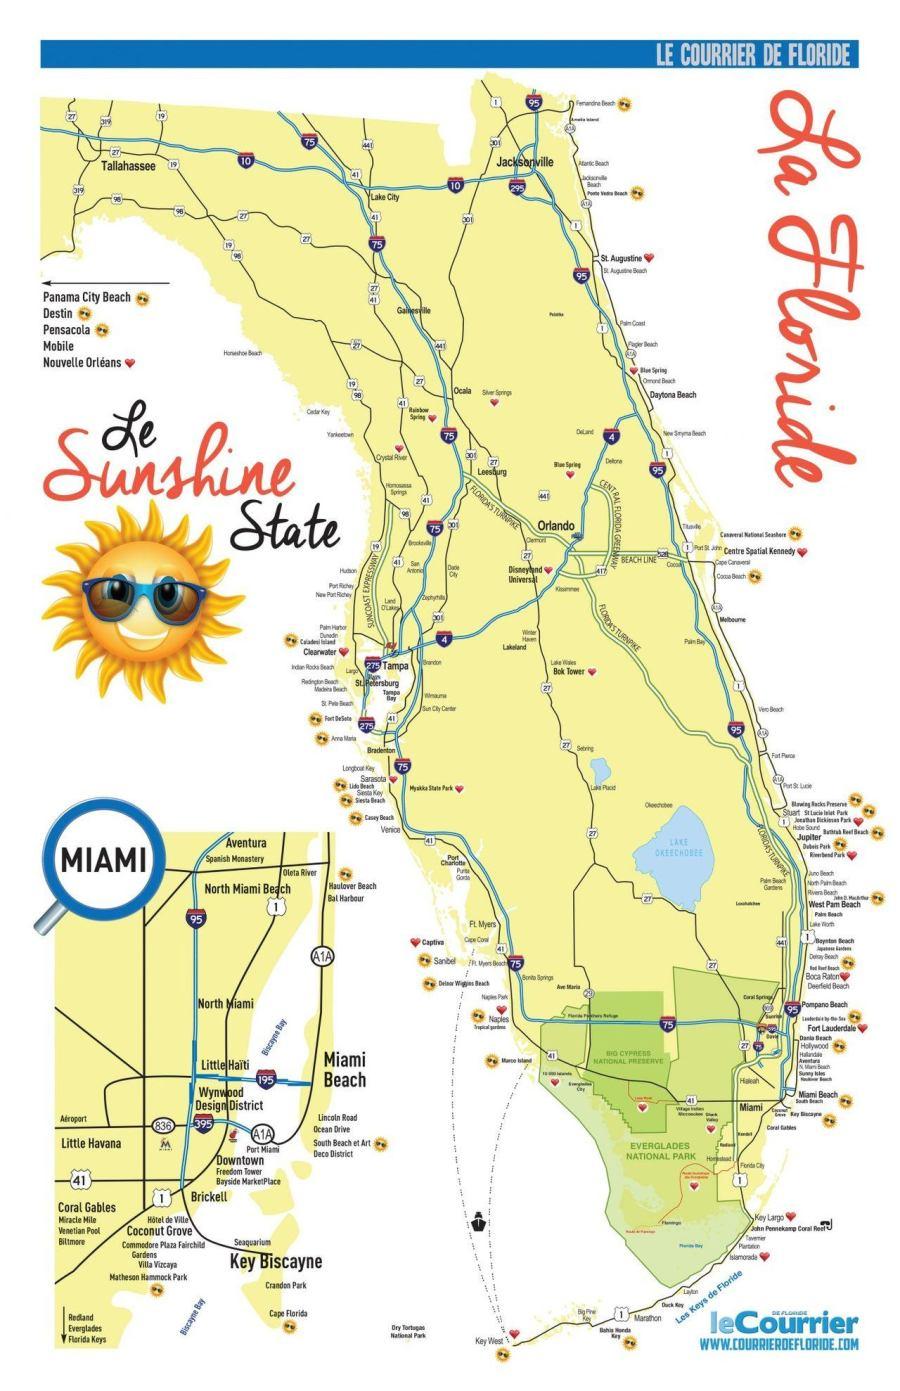 Carte tourisme Floride : votre carte de la Floride et de Miami pour votre voyage et vos vacances dans le Sunshine State - touristique